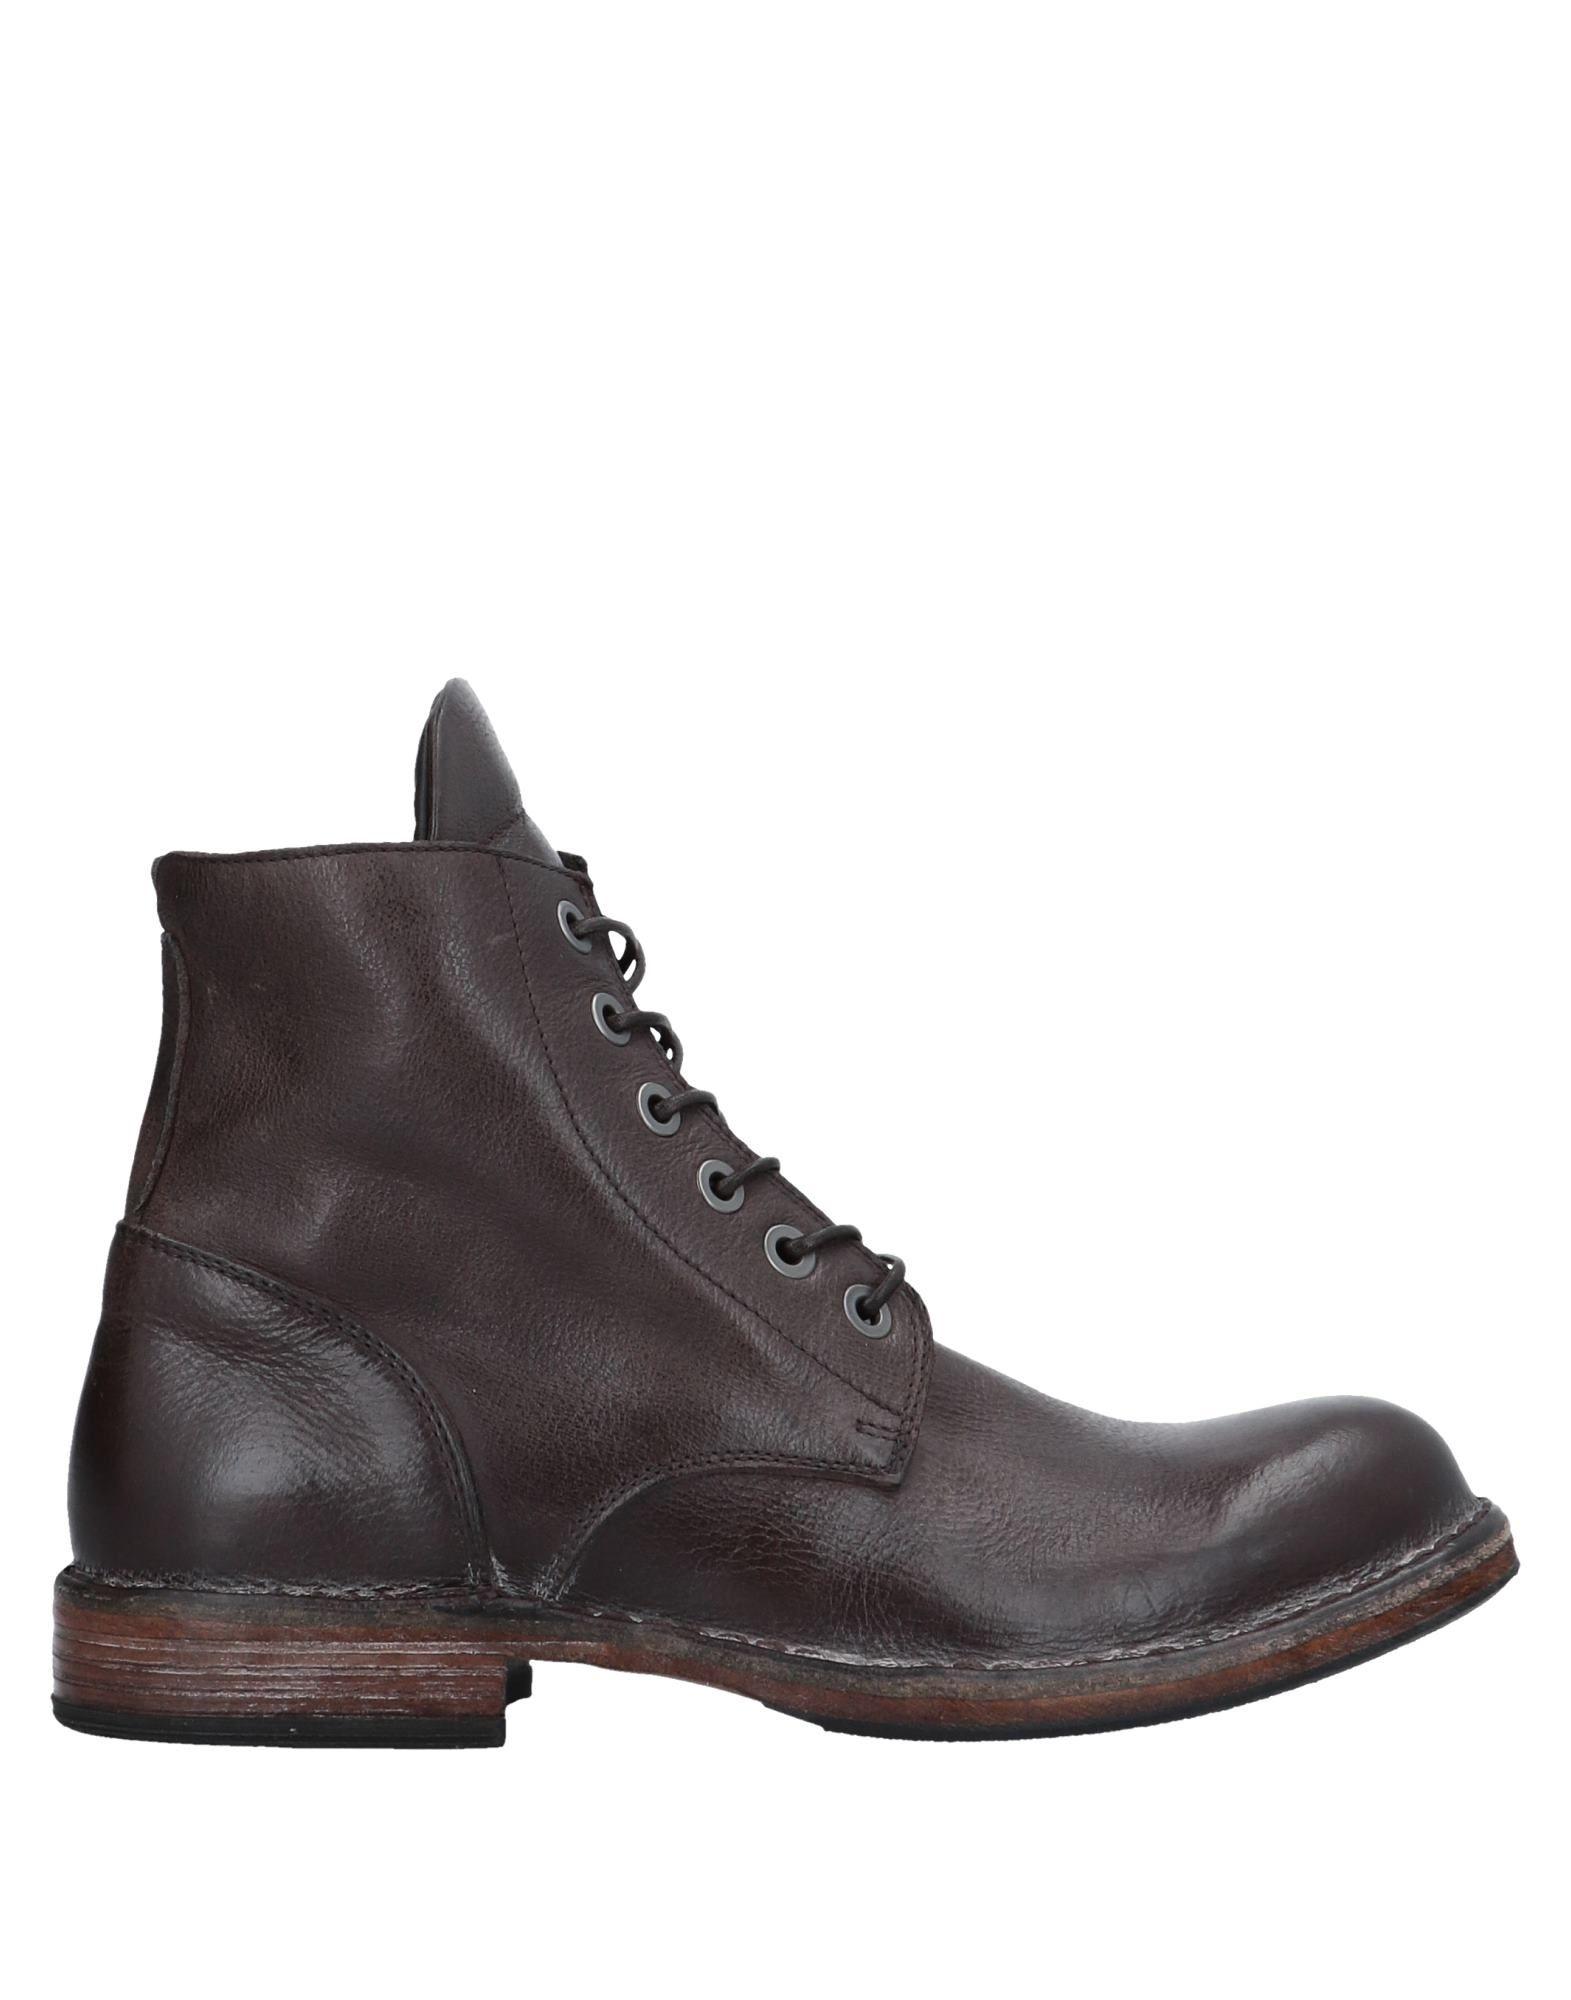 Moma Stiefelette Herren  Schuhe 11538117XN Gute Qualität beliebte Schuhe  40b88f